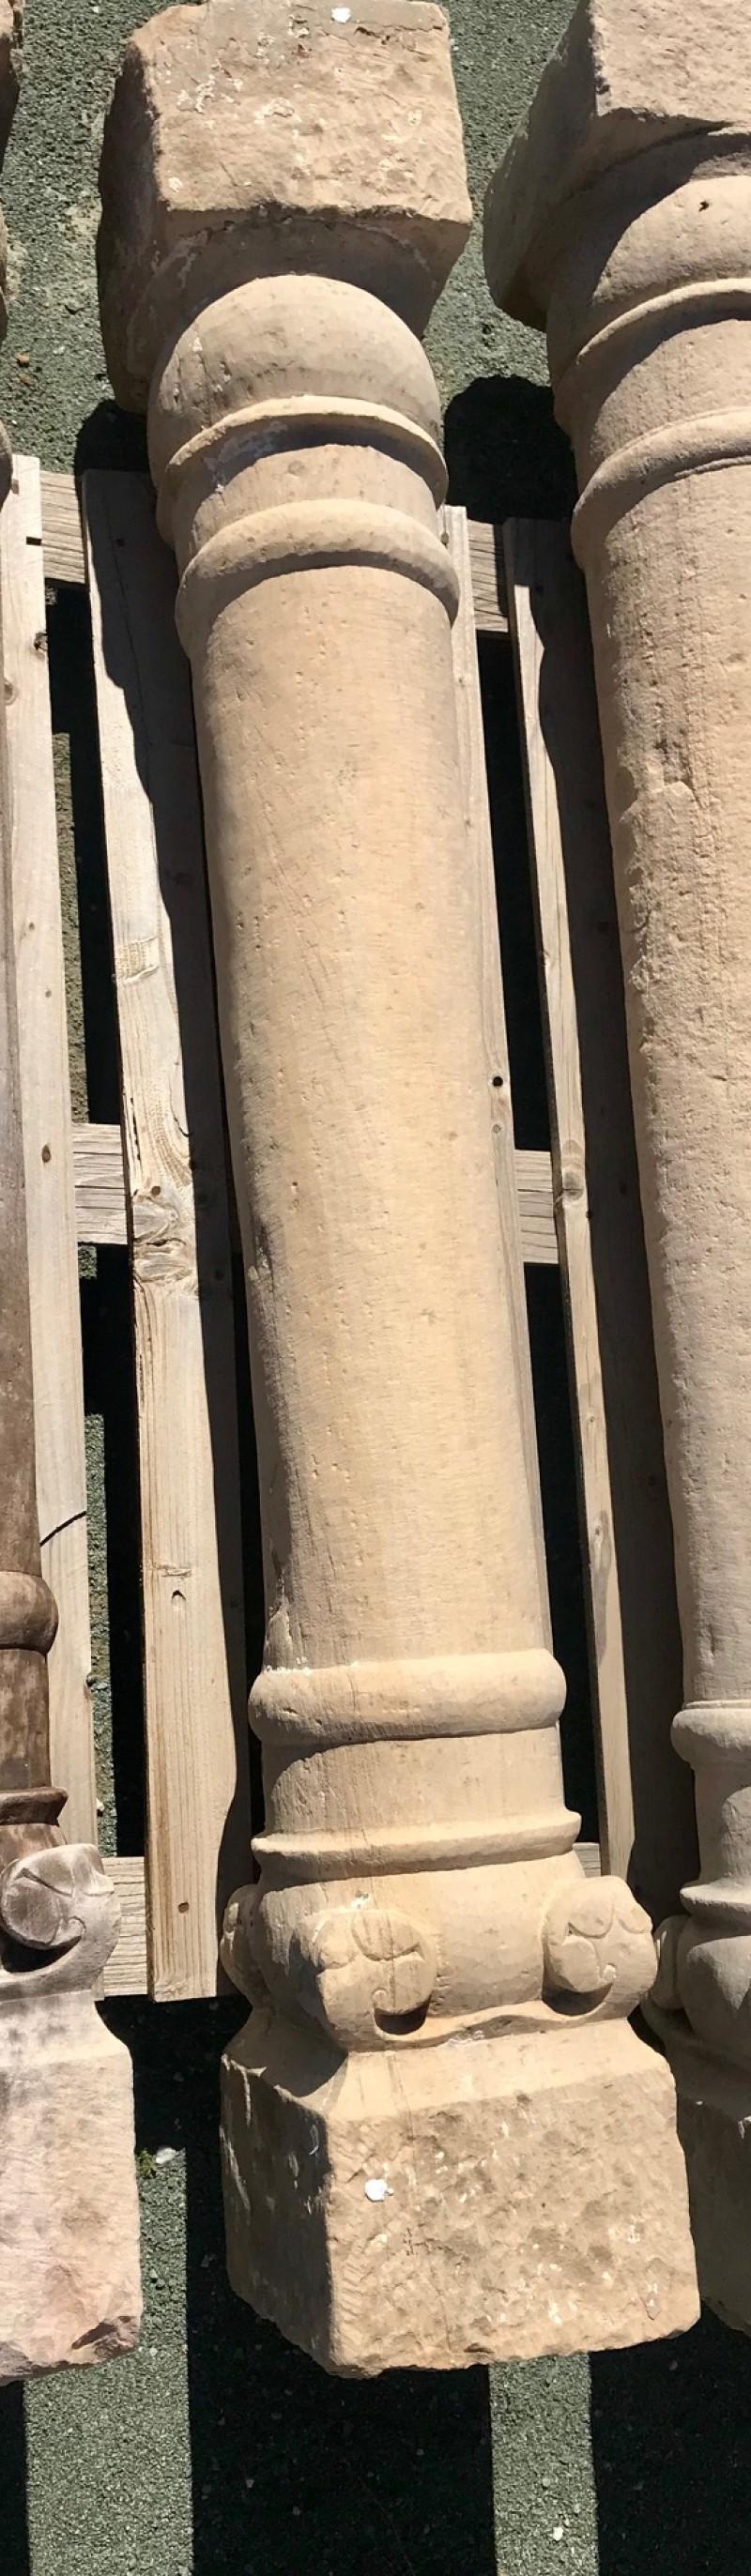 Columna de piedra antigua de una pieza. Mide 1,62 cm de alta.